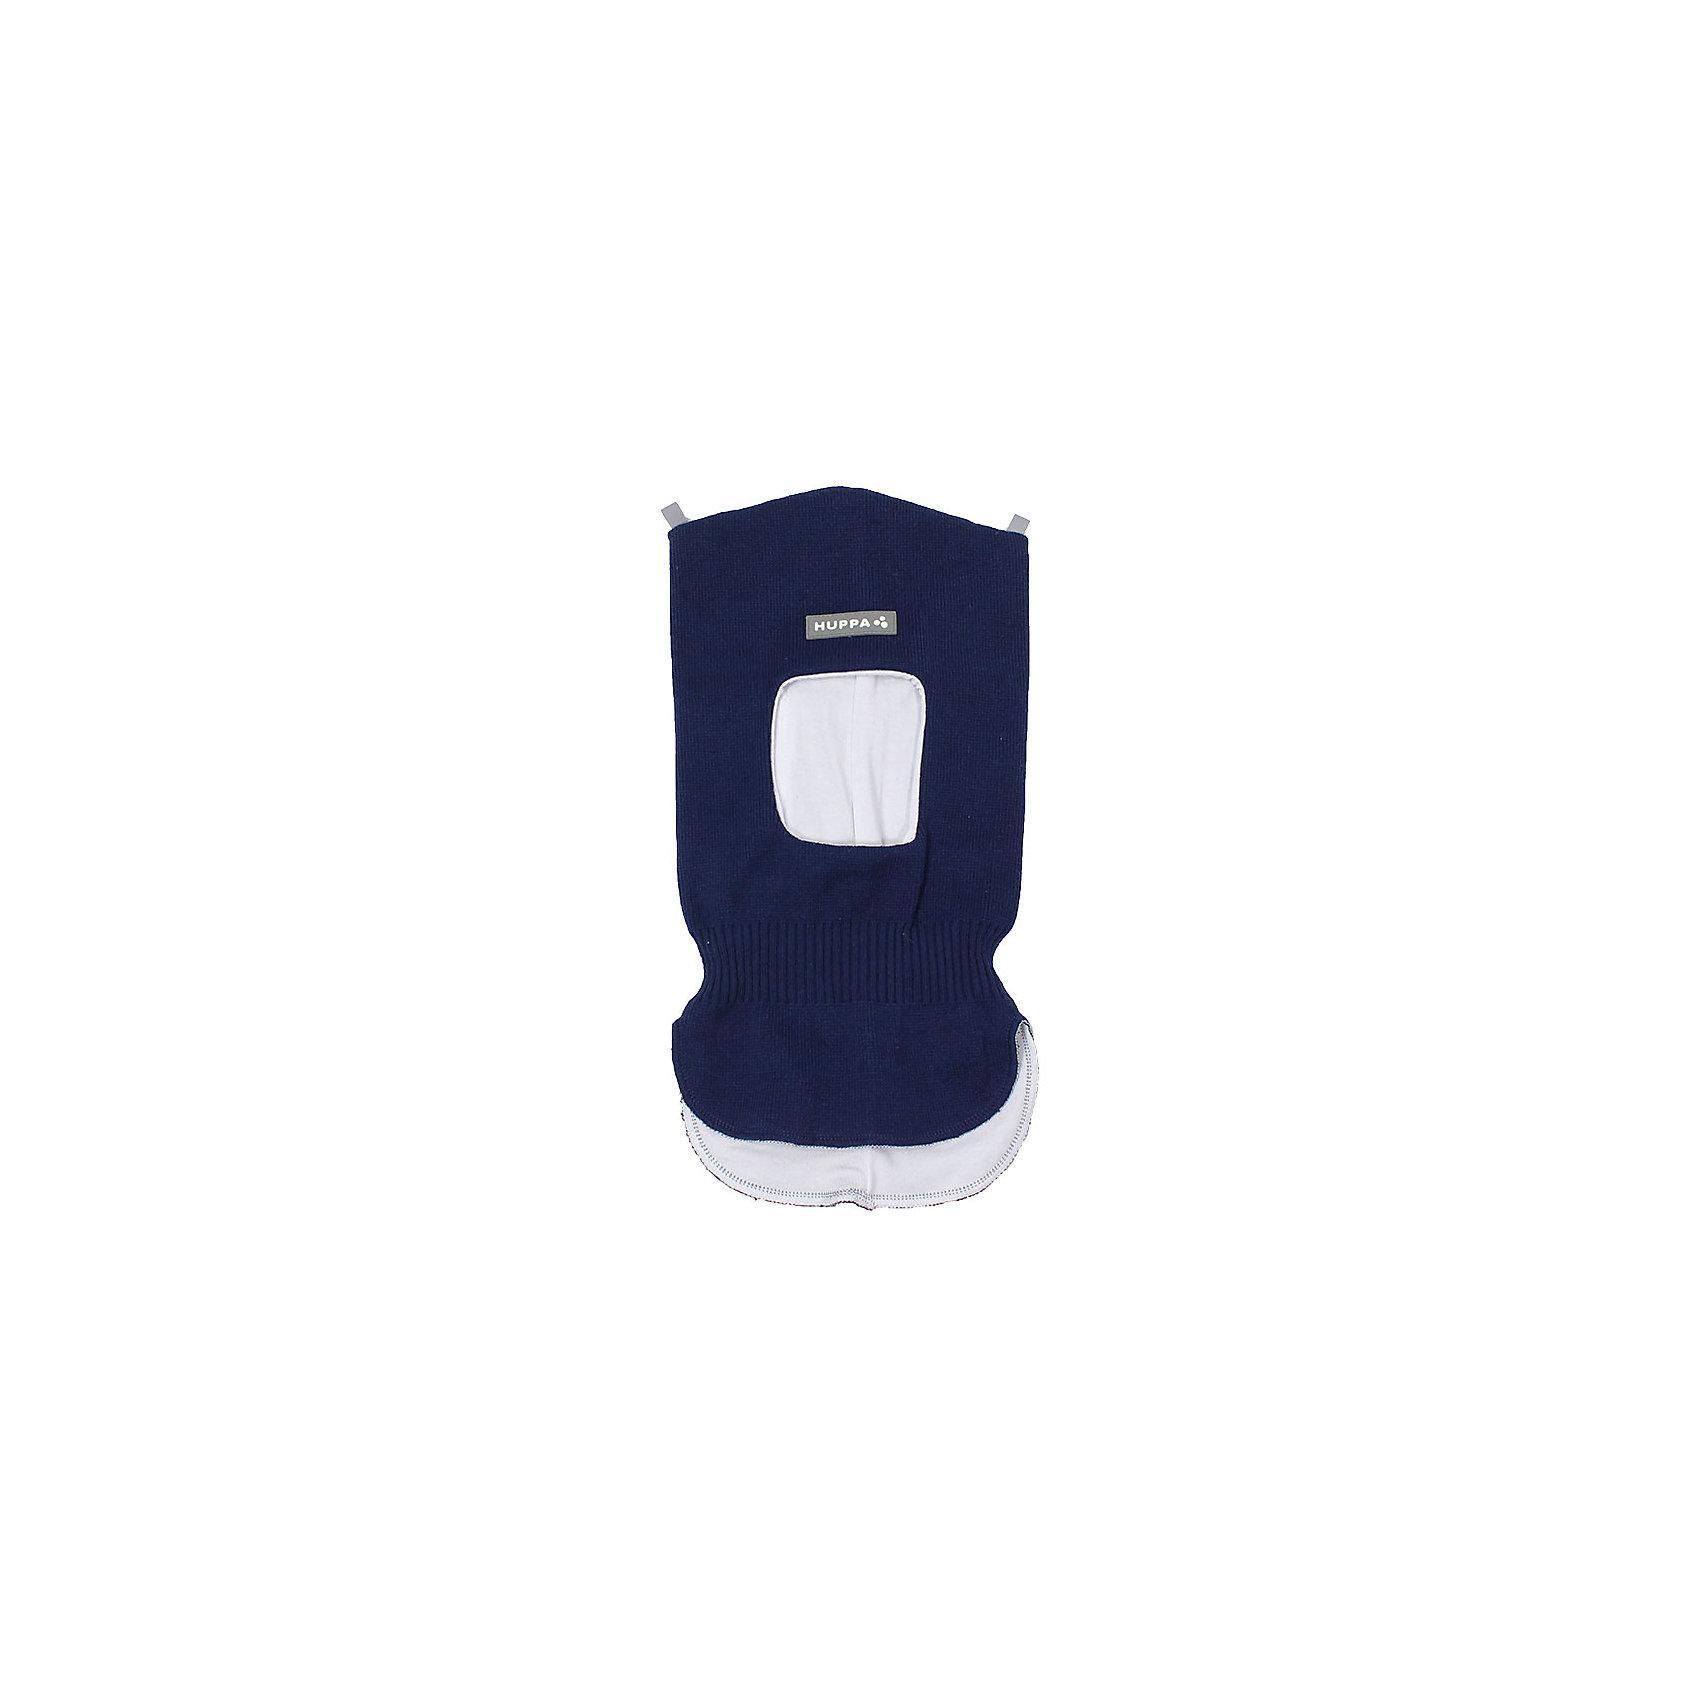 Шапка-шлем SELAH для мальчика HuppaГоловные уборы<br>Характеристики товара:<br><br>• цвет: тёмно-синий<br>• состав: 50% хлопок, 50% акрил<br>• подкладка: трикотаж - 100% хлопок<br>• температурный режим: от -5°С до +10°С<br>• демисезонная<br>• мягкая резинка на шее<br>• логотип<br>• комфортная посадка<br>• мягкий материал<br>• страна бренда: Эстония<br><br>Эта шапка обеспечит детям тепло и комфорт. Она сделана из приятного на ощупь мягкого материала. Шапка очень симпатично смотрится, а дизайн и расцветка позволяют сочетать её с различной одеждой. Модель была разработана специально для детей.<br><br>Одежда и обувь от популярного эстонского бренда Huppa - отличный вариант одеть ребенка можно и комфортно. Вещи, выпускаемые компанией, качественные, продуманные и очень удобные. Для производства изделий используются только безопасные для детей материалы. Продукция от Huppa порадует и детей, и их родителей!<br><br>Шапку-шлем SELAH от бренда Huppa (Хуппа) можно купить в нашем интернет-магазине.<br><br>Ширина мм: 89<br>Глубина мм: 117<br>Высота мм: 44<br>Вес г: 155<br>Цвет: синий<br>Возраст от месяцев: 6<br>Возраст до месяцев: 12<br>Пол: Мужской<br>Возраст: Детский<br>Размер: 43-45,51-53,47-49<br>SKU: 5347605